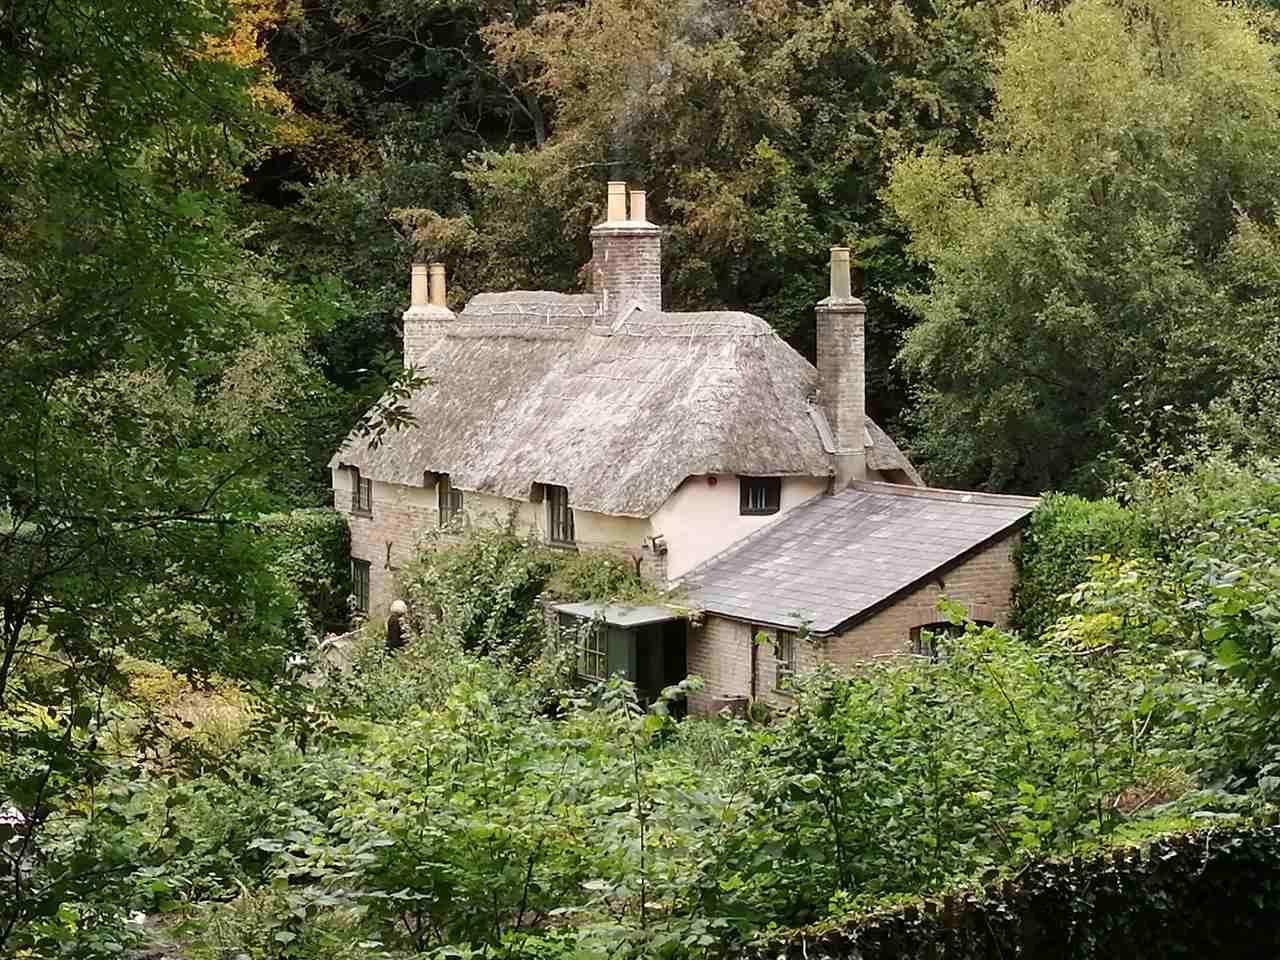 Hardys-idyllic-Bockhampton-birthplace